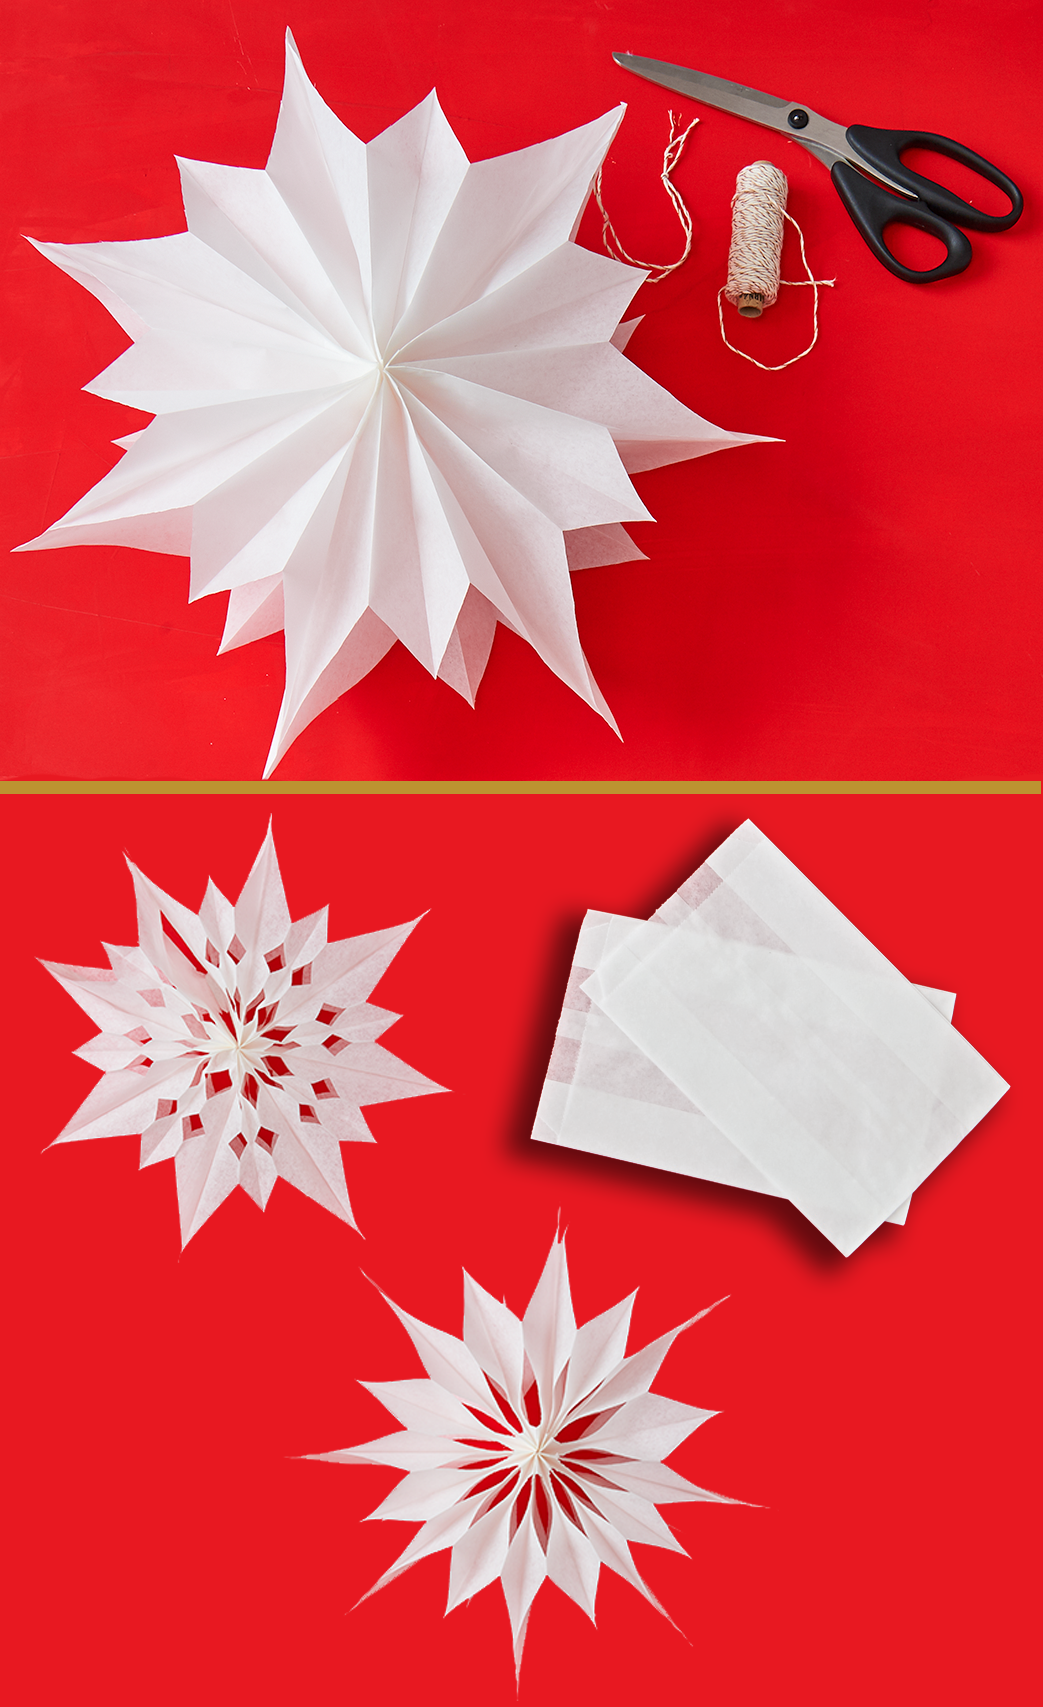 Origami So Bastelt Ihr Sterne Aus Butterbrottuten Butterbrottuten Basteln Basteln Weihnachten Diy Weihnachten Basteln